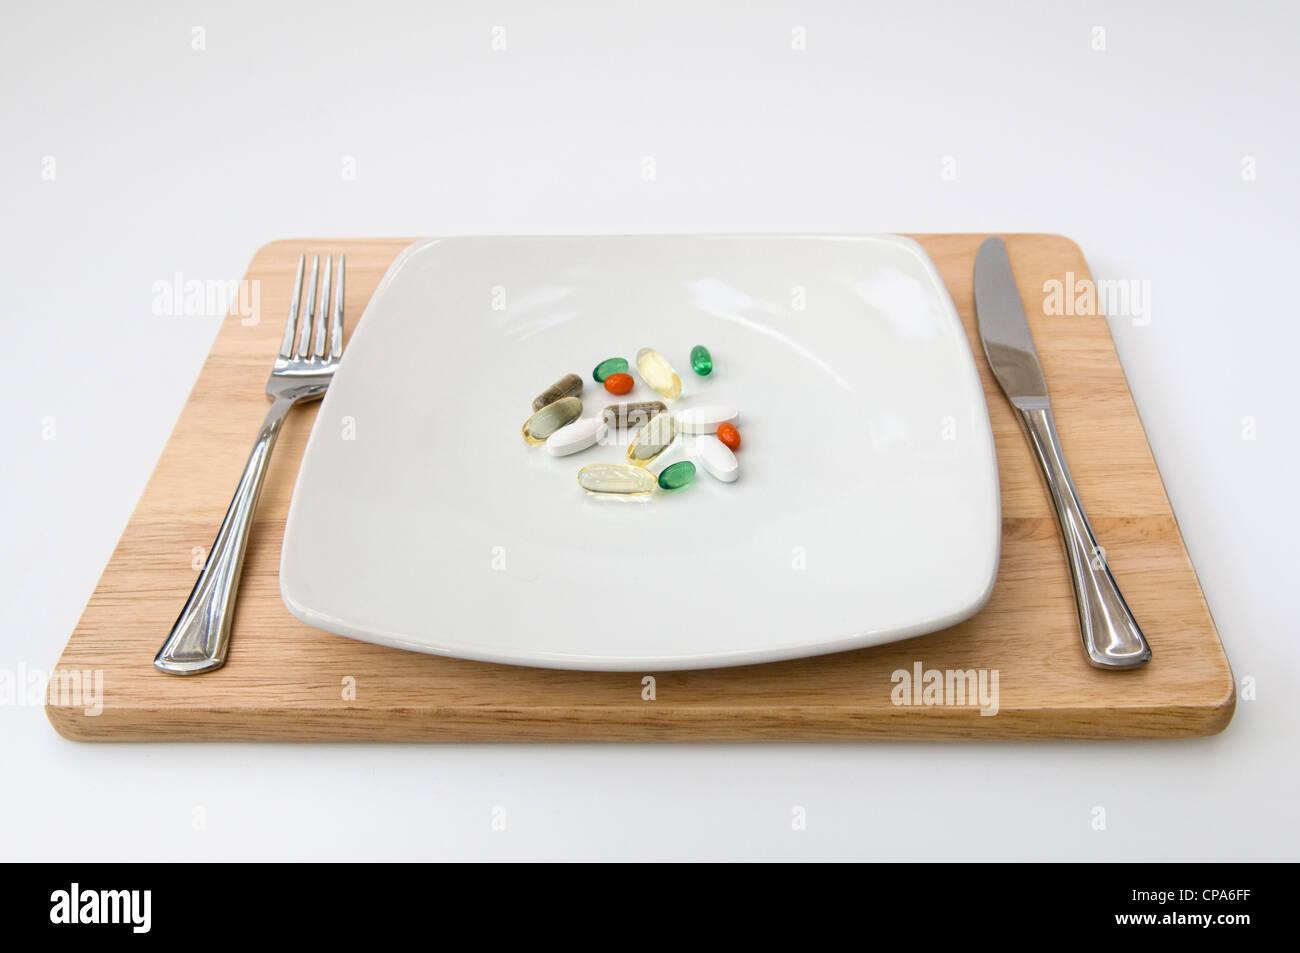 Abendessen mit einer Auswahl an Vitaminen (Omega-3, Co-Enzym Q10, Pfefferminze, Chondroitin, Ginkgo und Ginseng) Stockbild